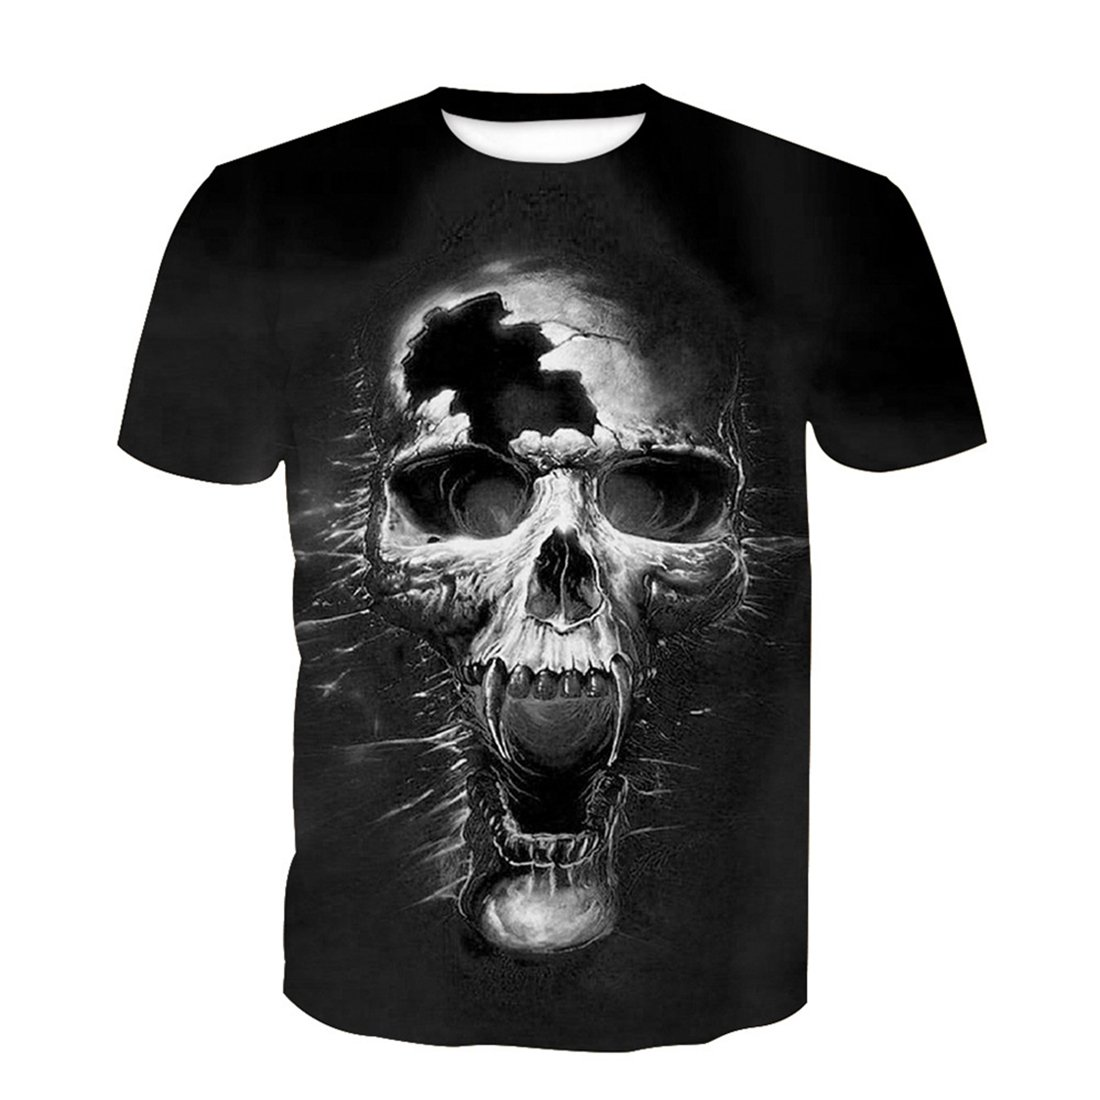 SEVENWELL Camiseta con Estampado De Calavera Digital De Novedad Extraña Tops Flores Hombres